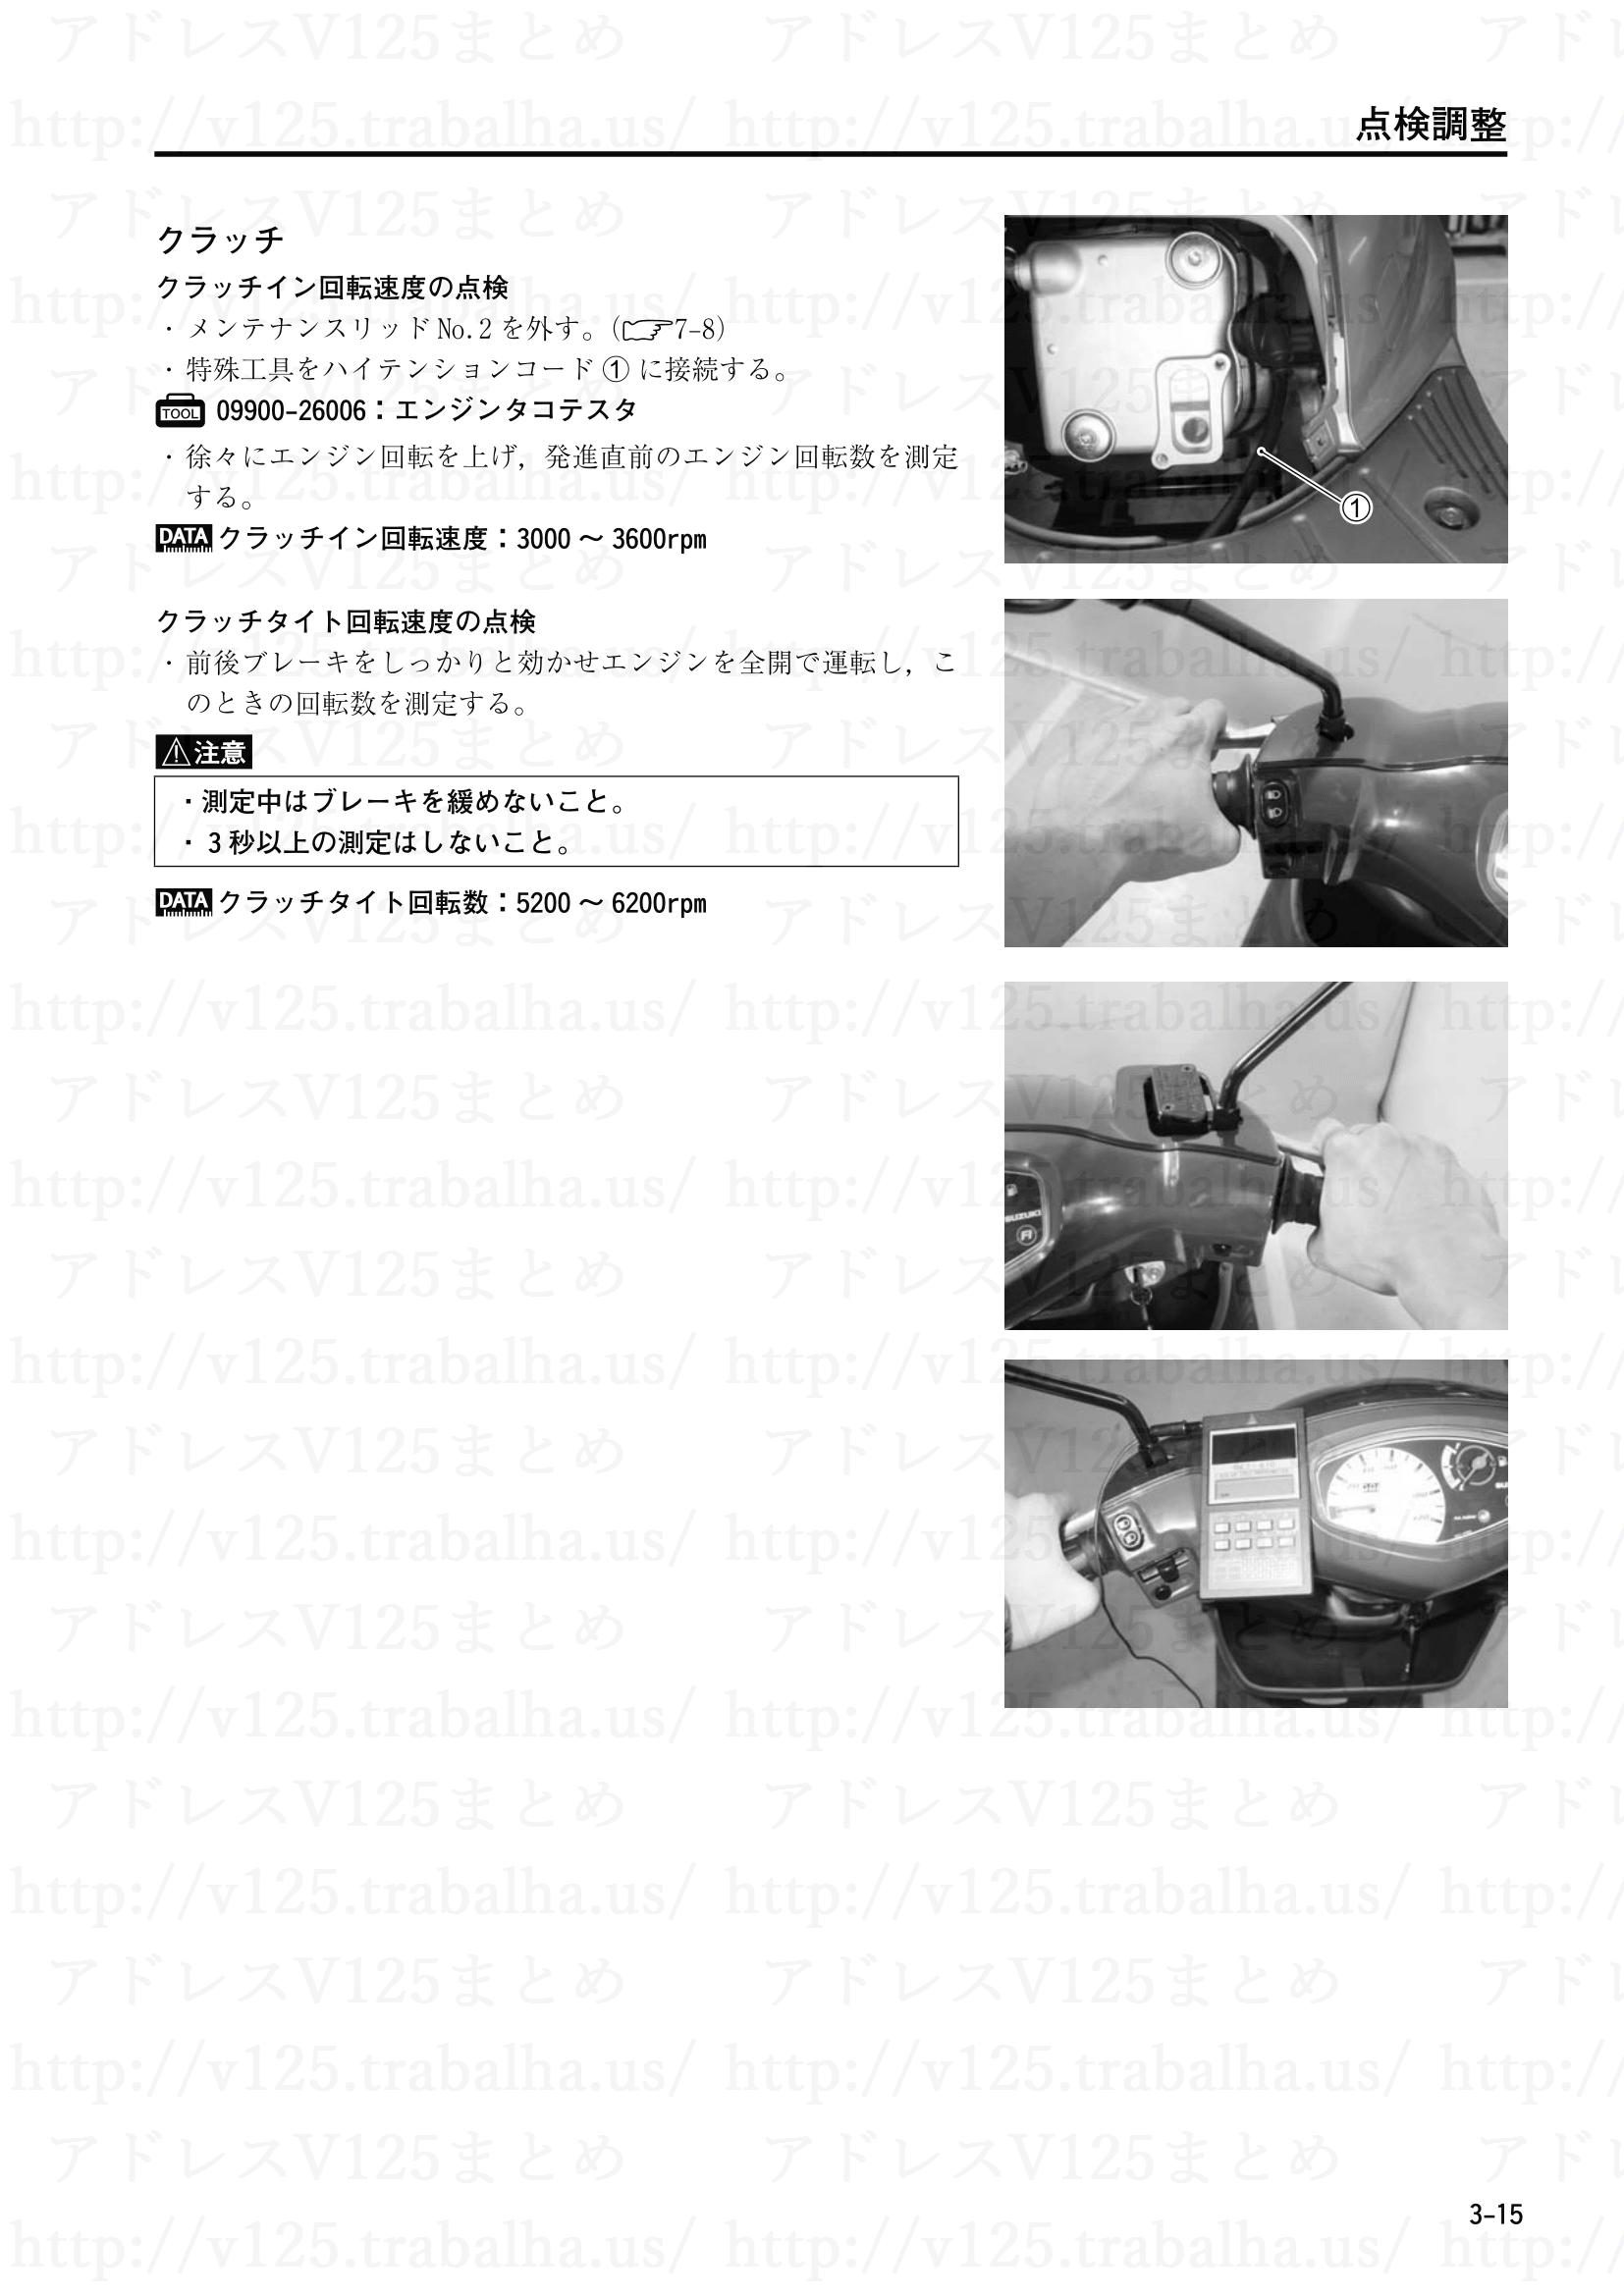 3-15【点検調整】動力伝達装置3